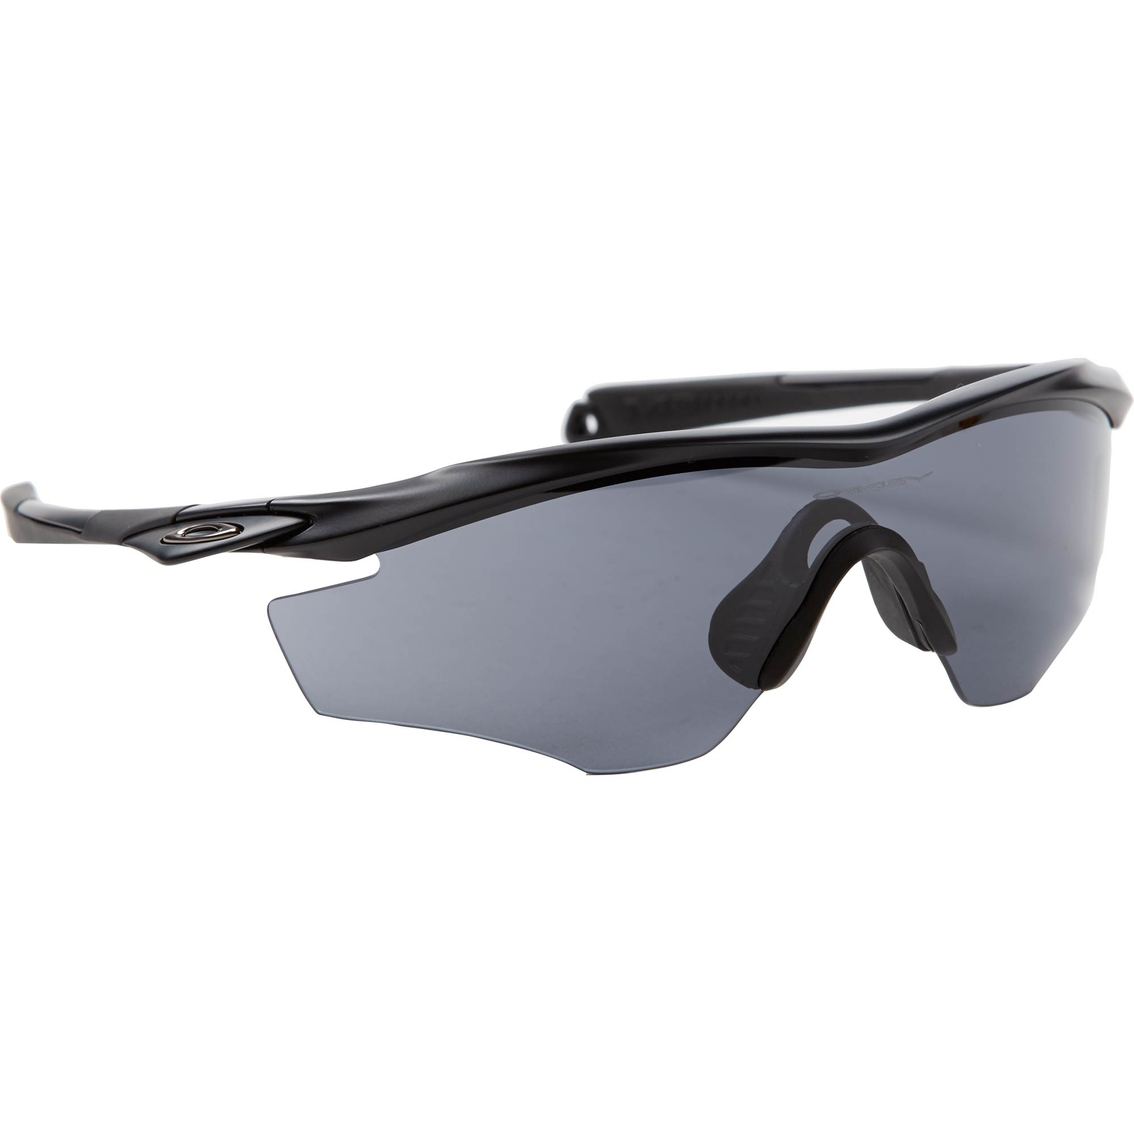 oakley tactical goggles uk